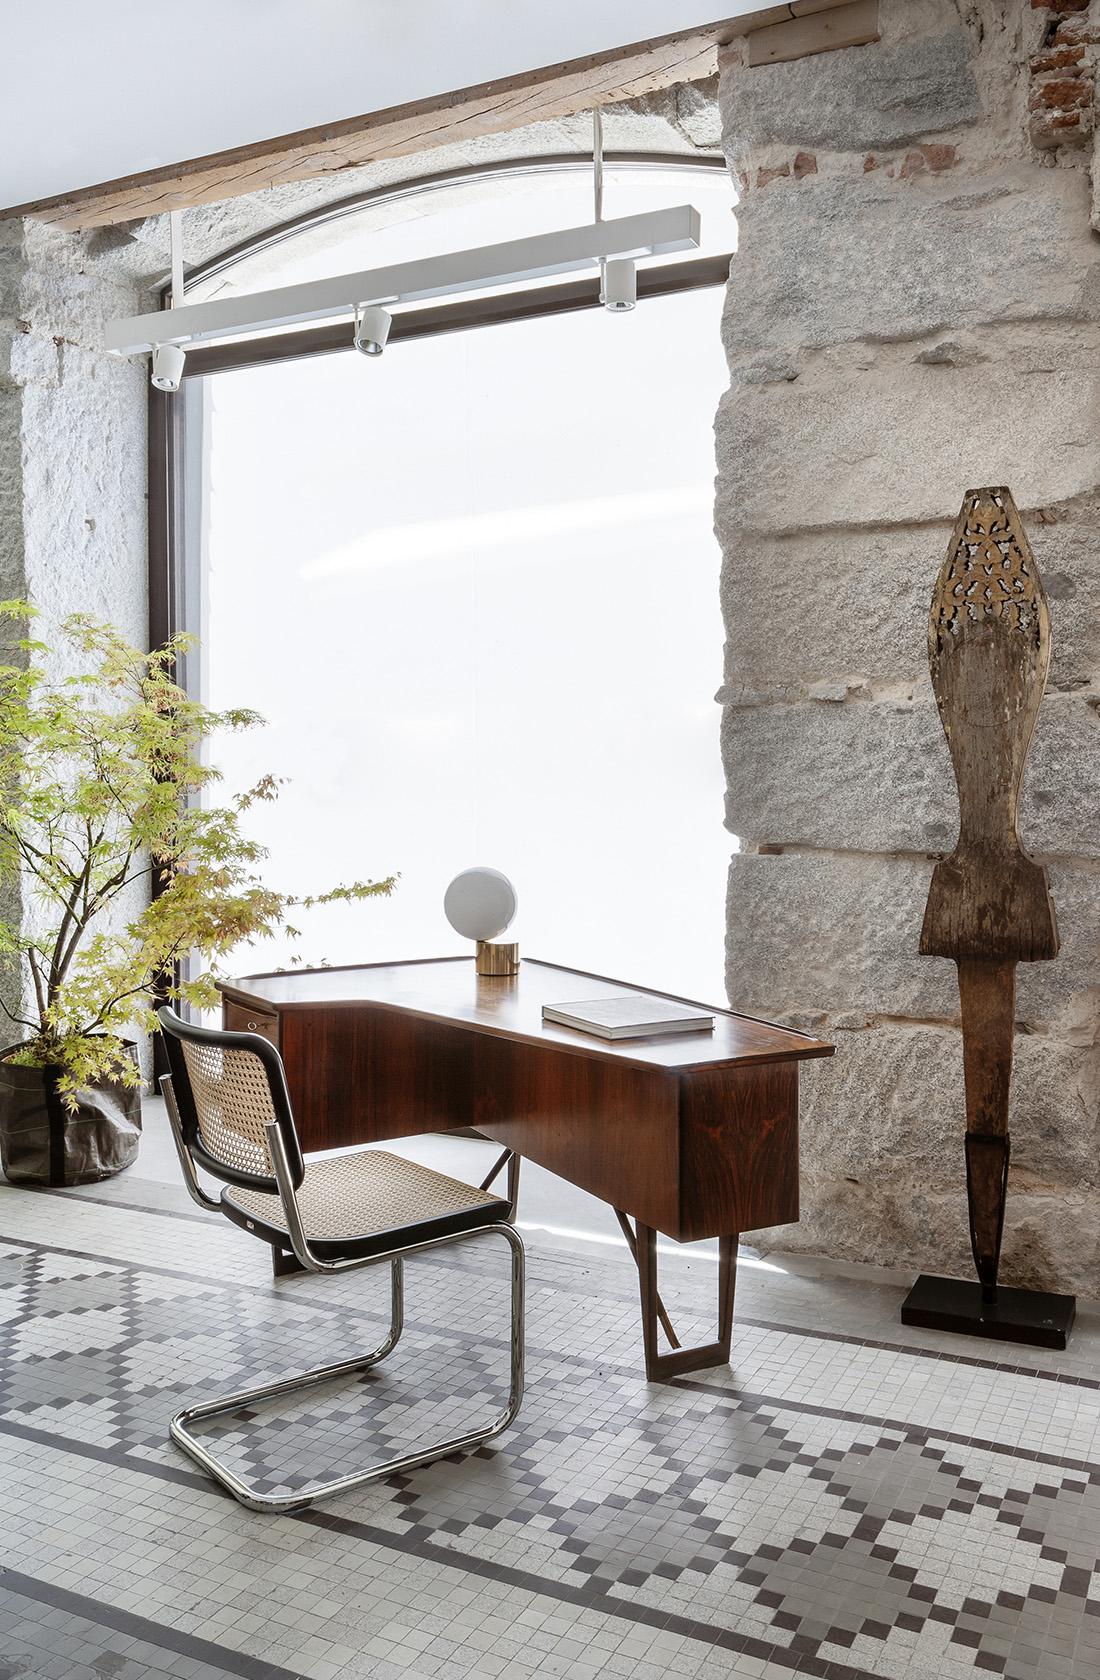 Vista del ventanal que proporciona luz natural al showroom de BATAVIA